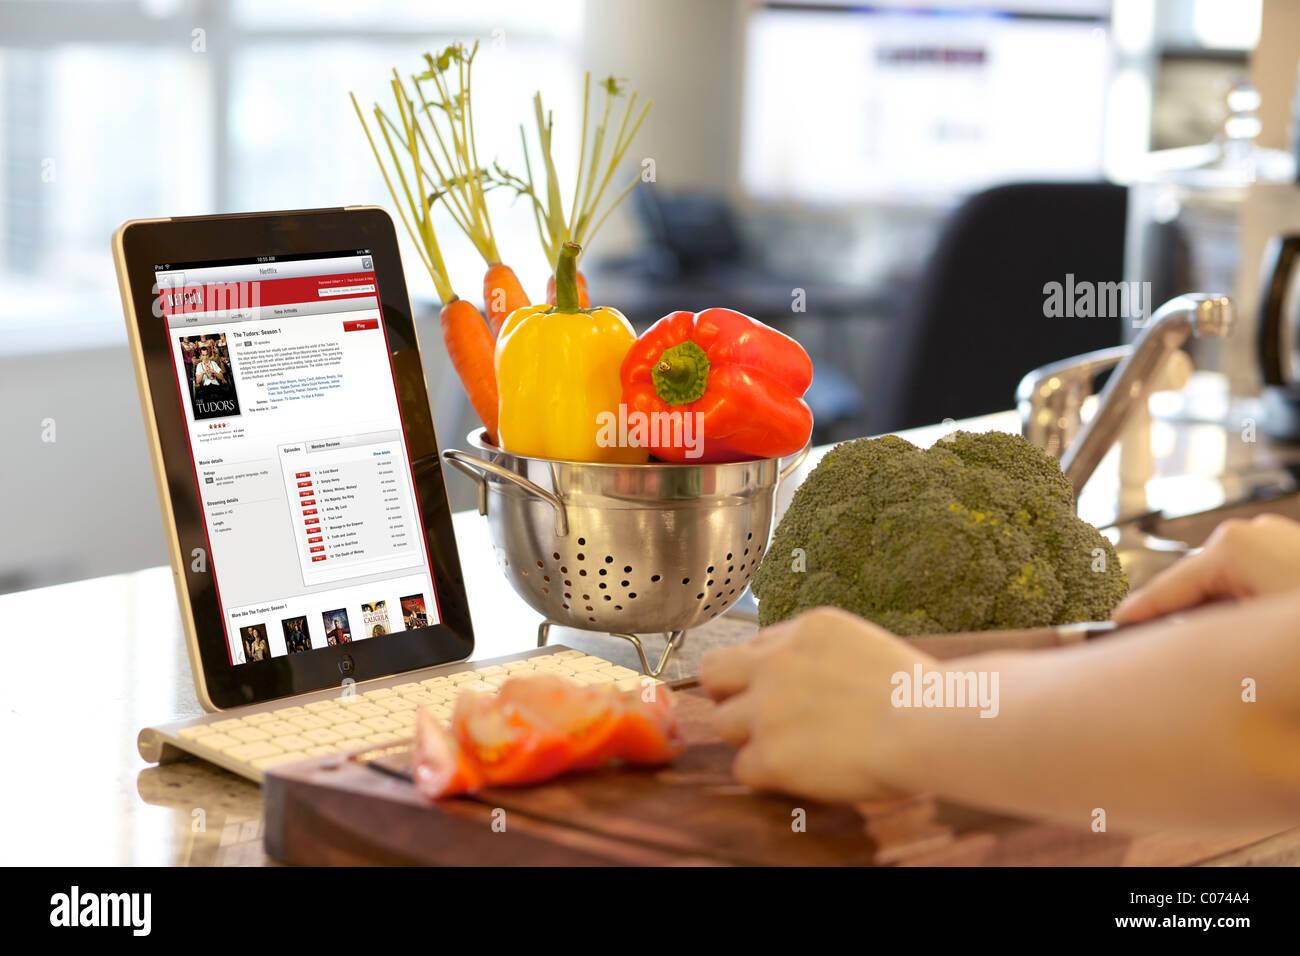 Vielbeschäftigte Frau Kochen in der Küche während des Surfens Filme auf Netflix auf ihrem iPad Stockbild